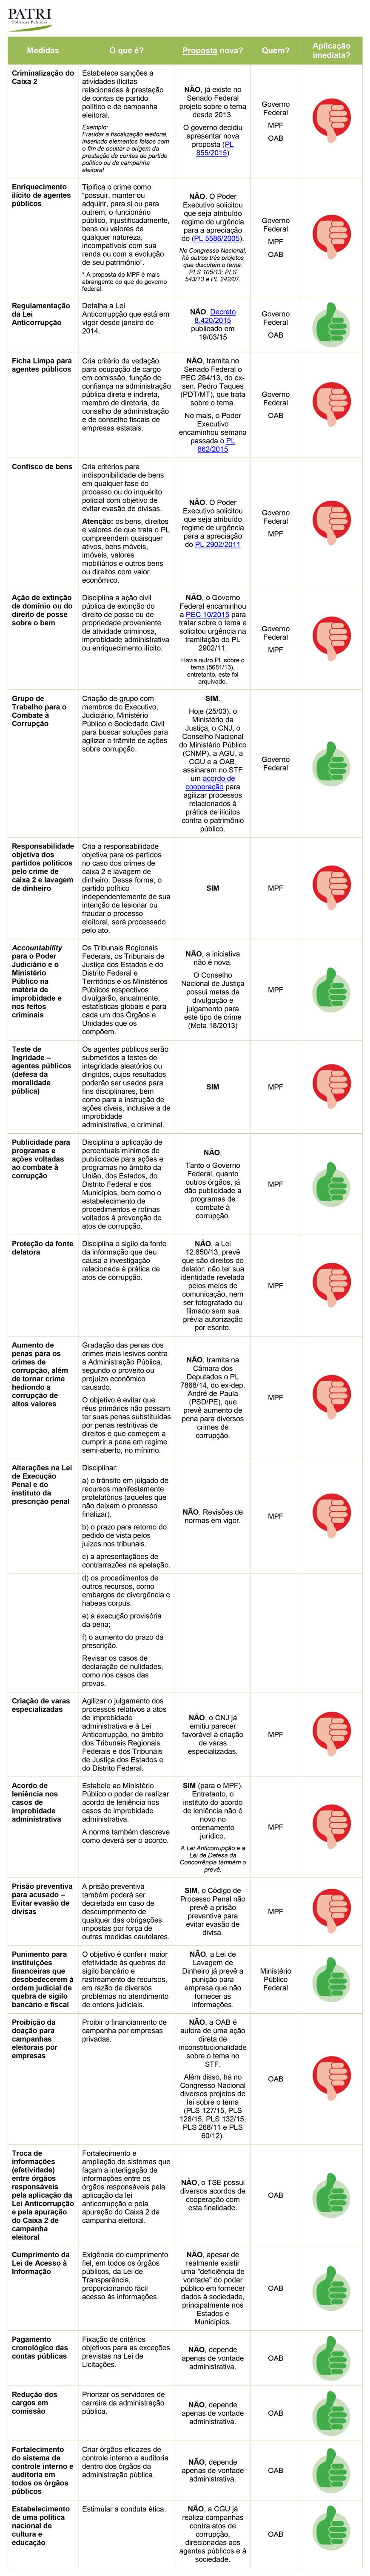 Tabela da Patri com análise dos pontos do Pacote Anticorrupção